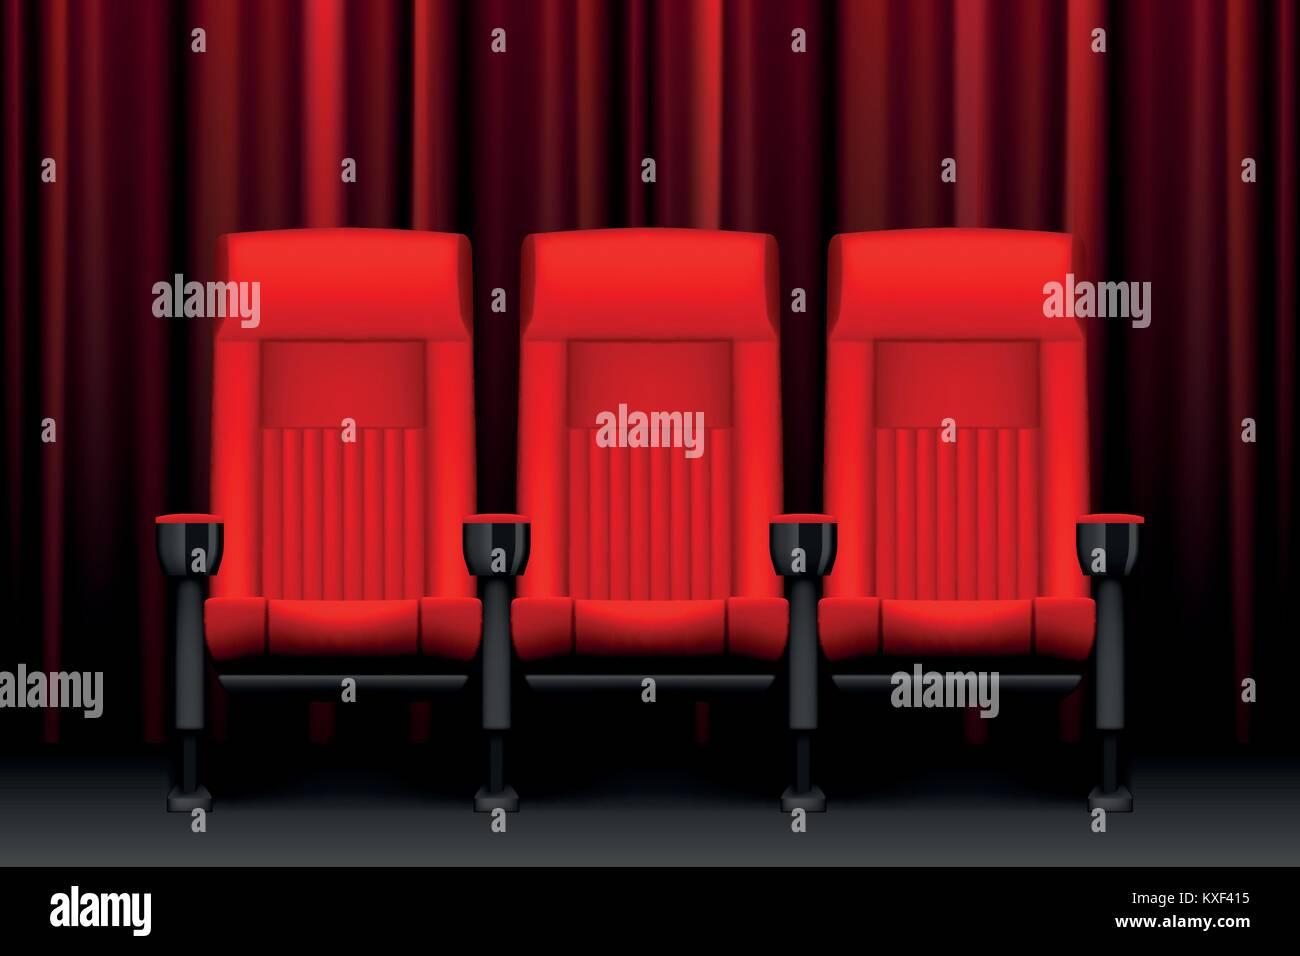 Teatro Le Sedie.Mostra Del Cinema Di Design Con Red Sedi Vuote Poster Per